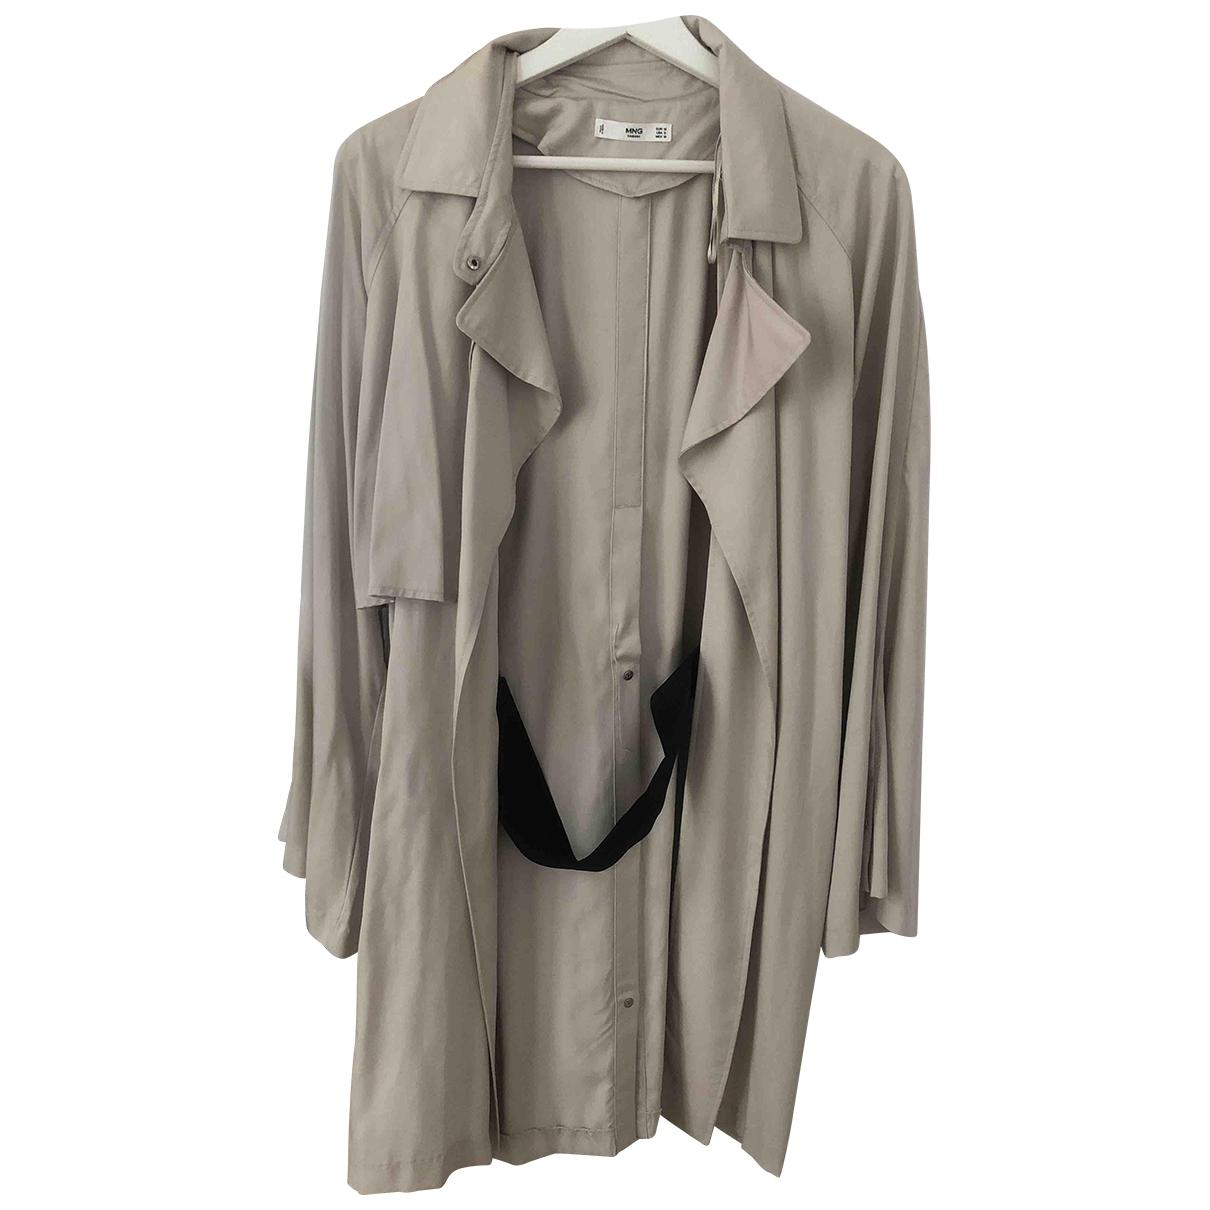 Mango \N Beige jacket for Women 38 FR